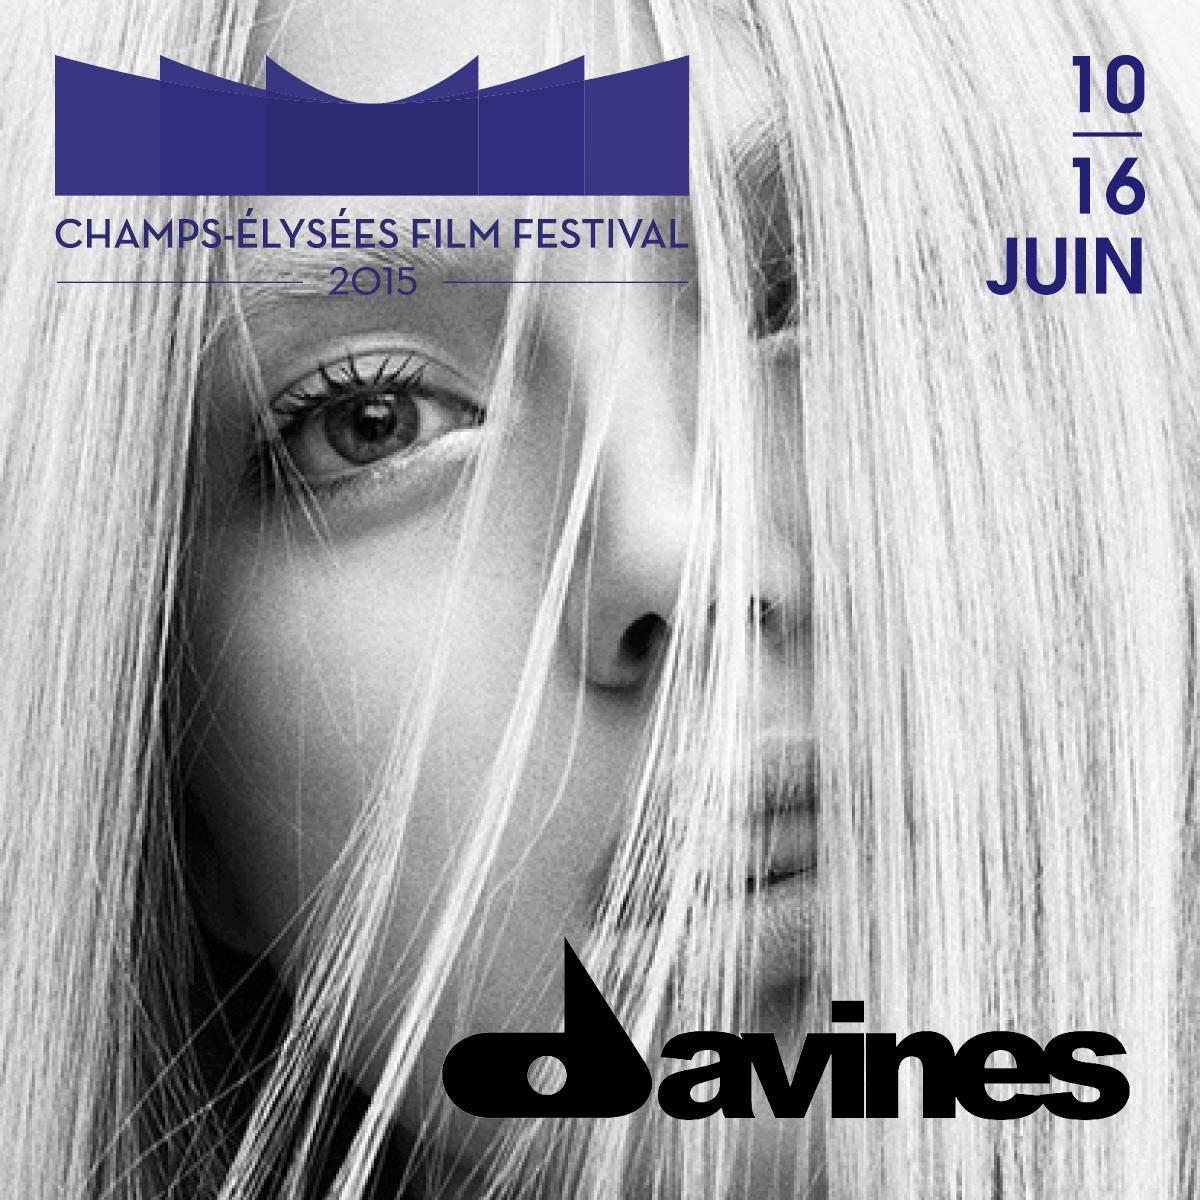 Champs-Élysées Film Festival est ravi d'accueillir @DavinesFrance parmi ses nouveaux partenaires. http://t.co/noIOEhR0rR